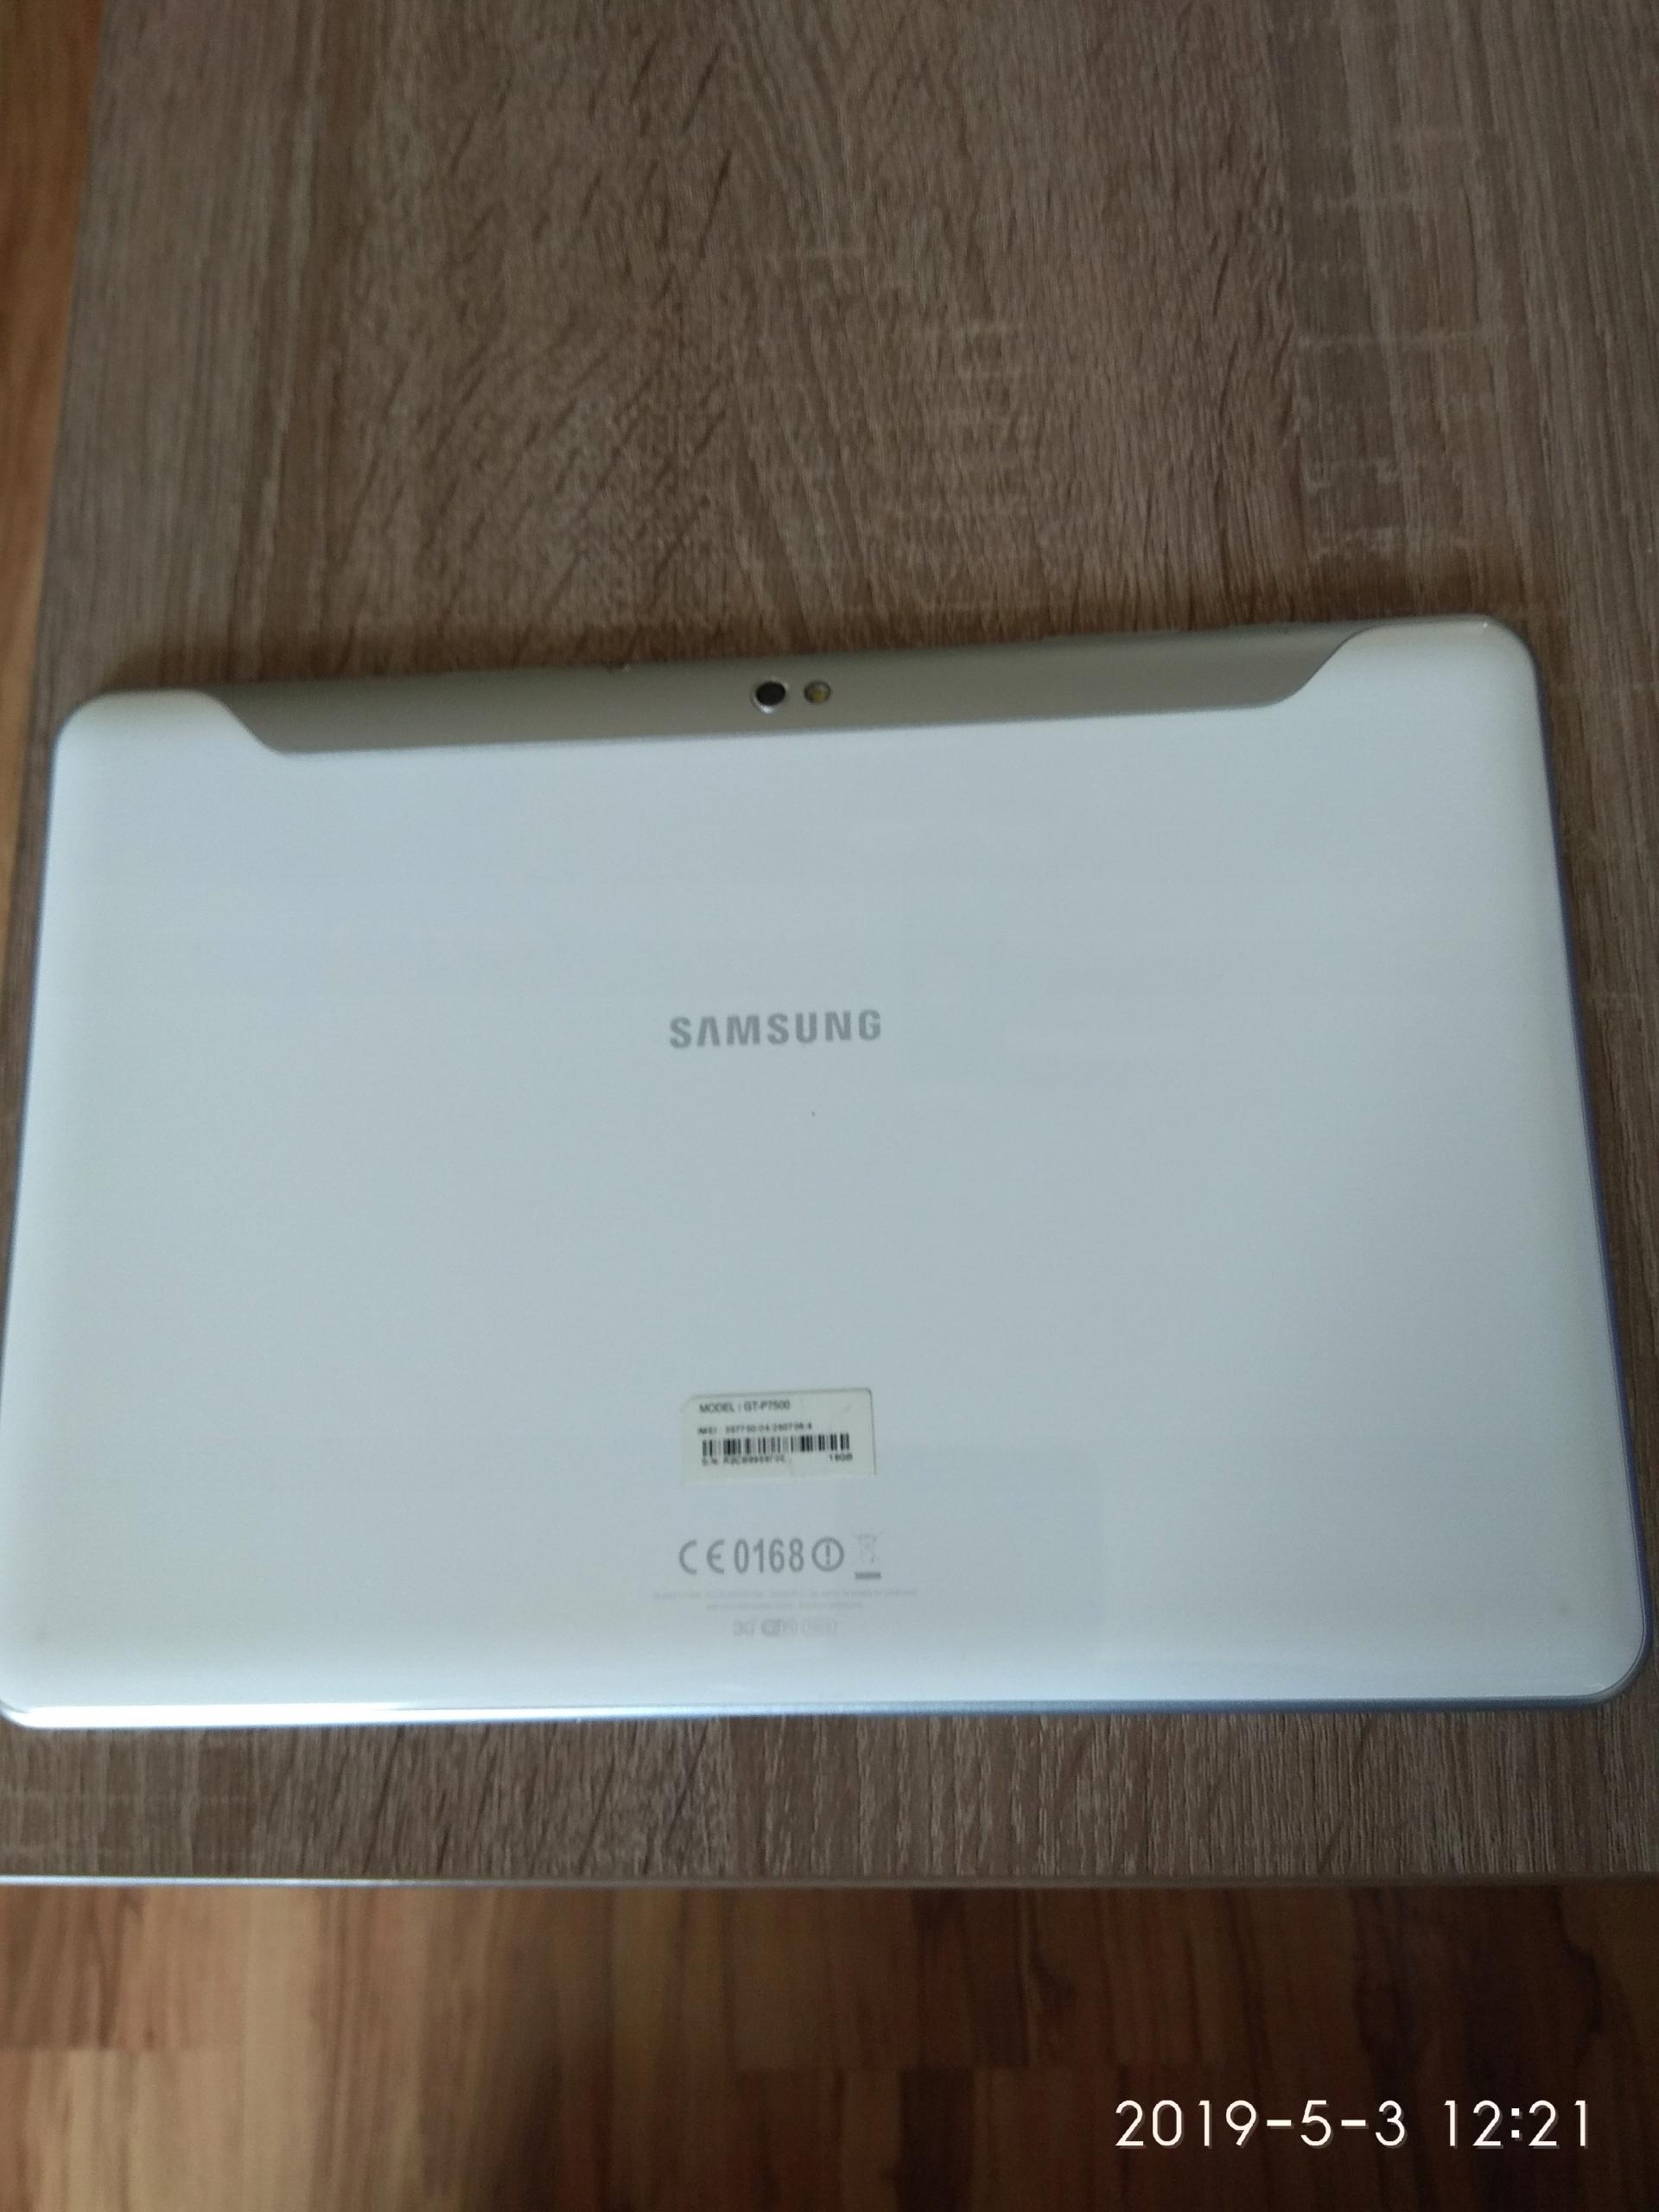 TABLET SAMSUNG GALAXY TAB 10.1 16GB Wifi jak nowy